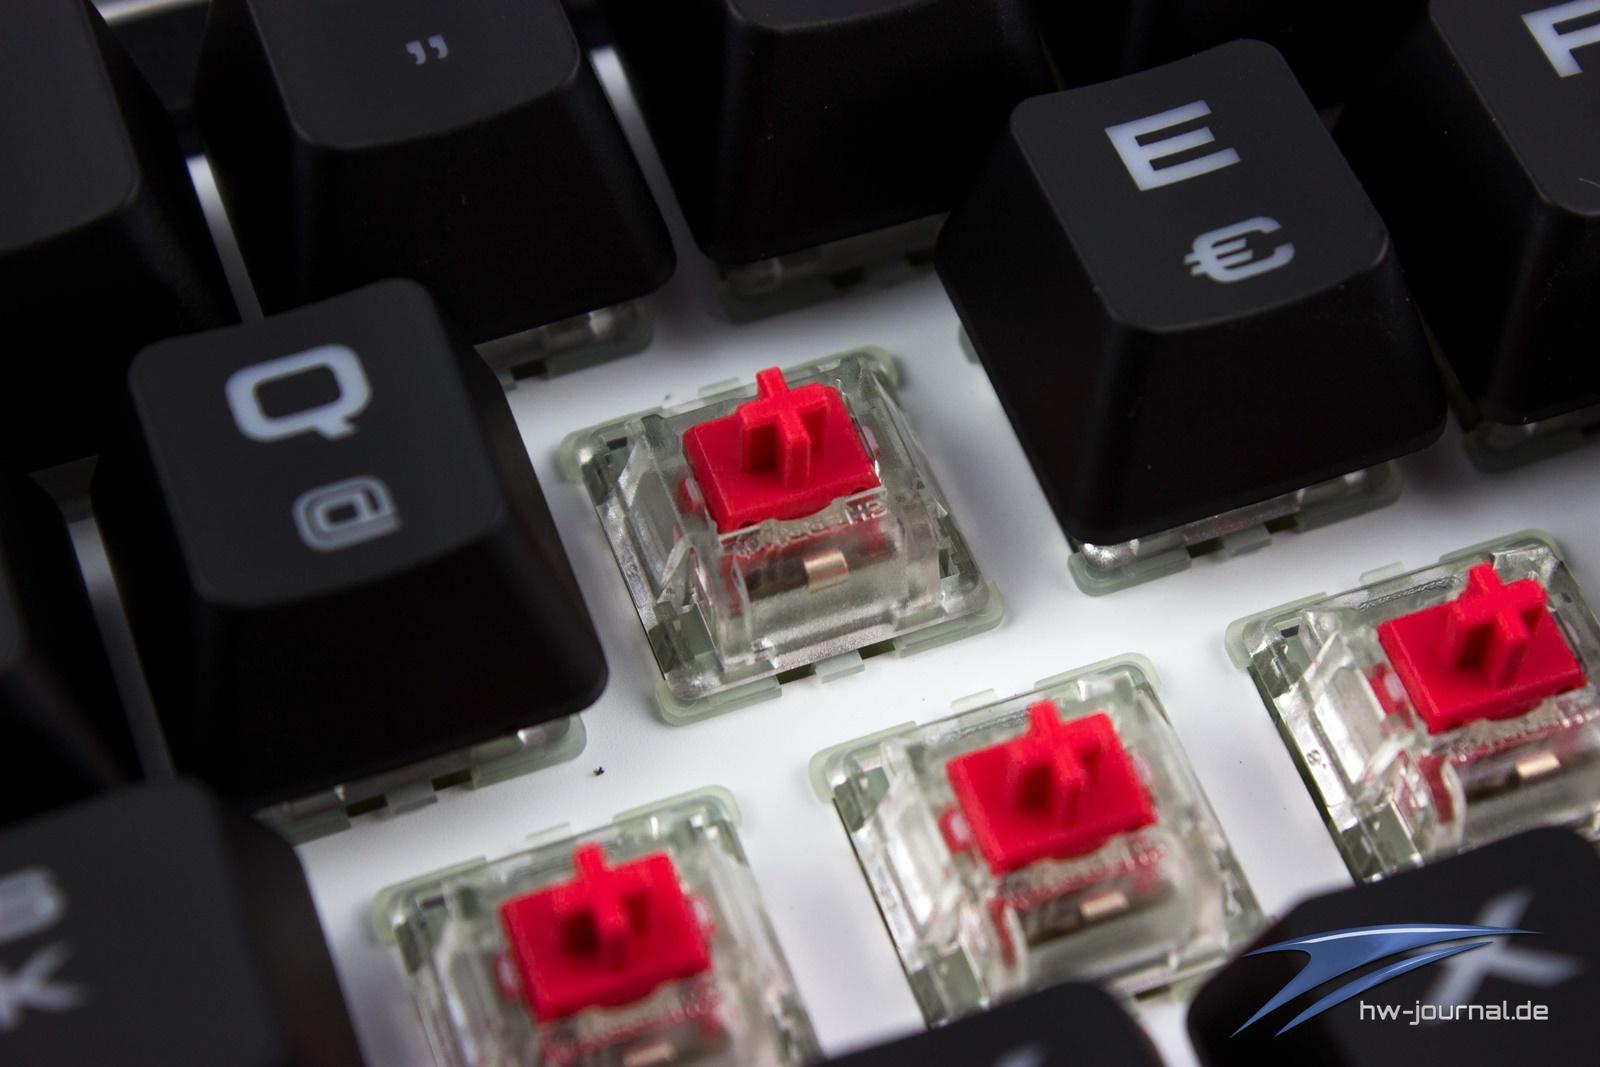 Test Corsair Strafe Rgb Mx Silent Hardware Journal Gaming Cherry Red Led Die Schalter Unterscheiden Sich Auf Den Ersten Optischen Blick Nicht Von Bisher Bekannten Modellen Durch Weie Lackierung Des Chassis